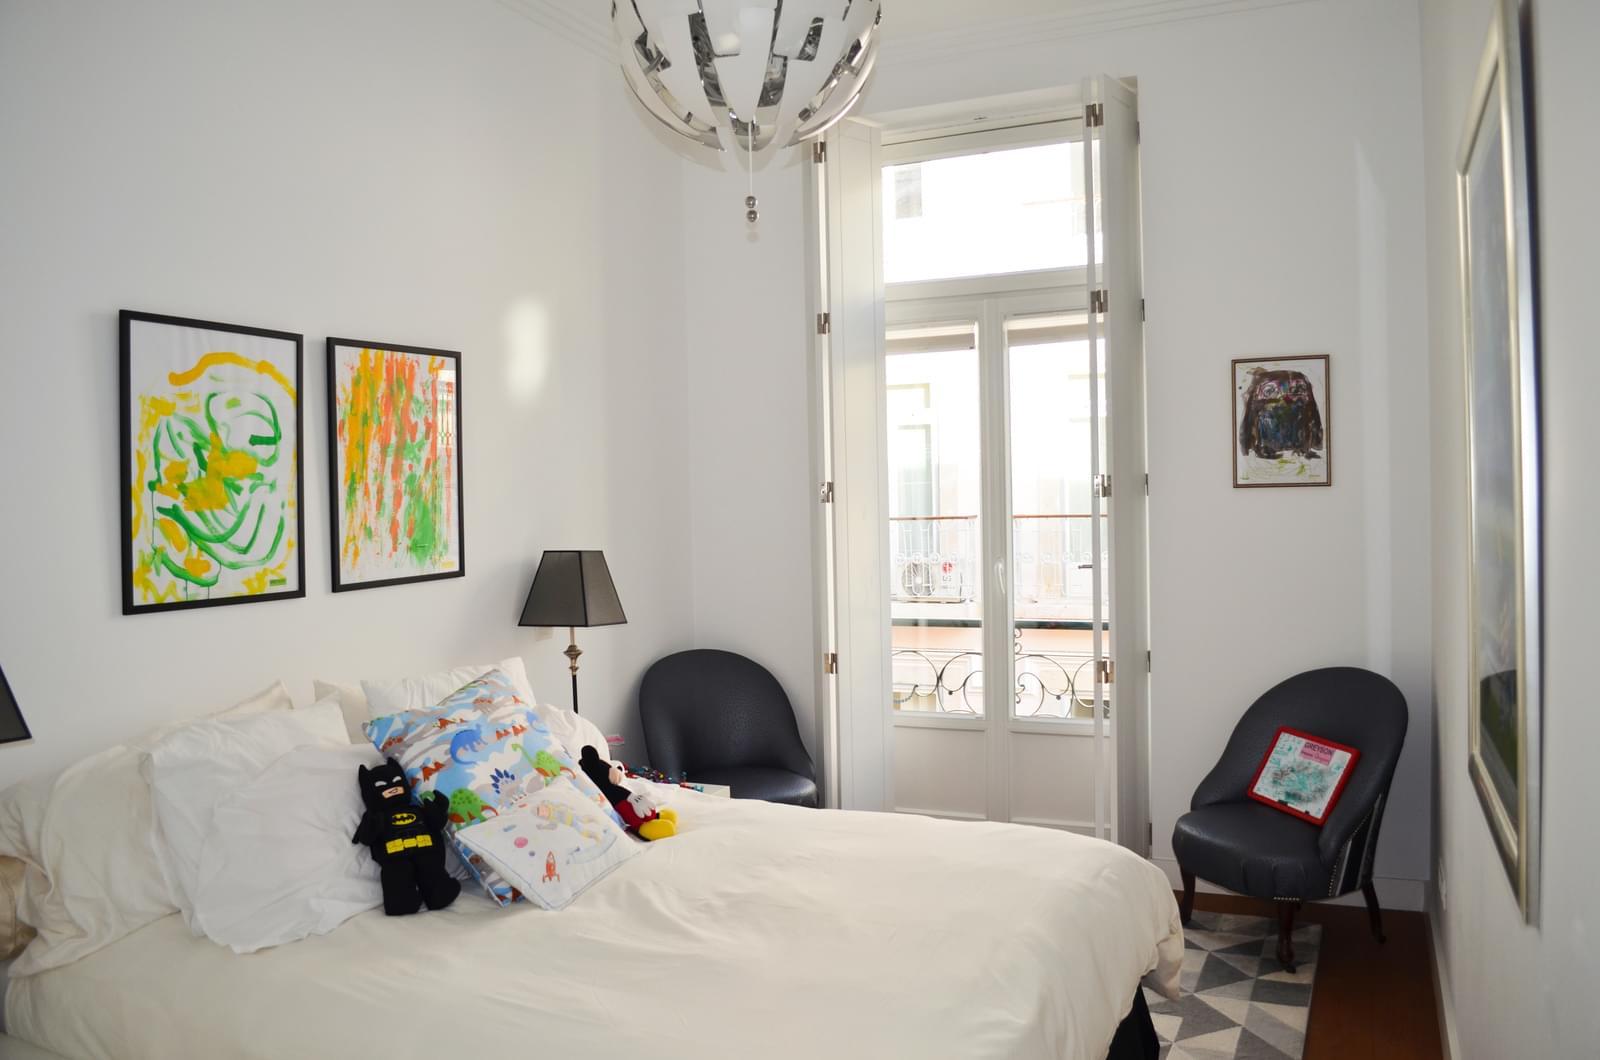 pf18712-apartamento-t2-lisboa-dd35ae65-cb36-4e4e-8449-4f4824e5ea9c